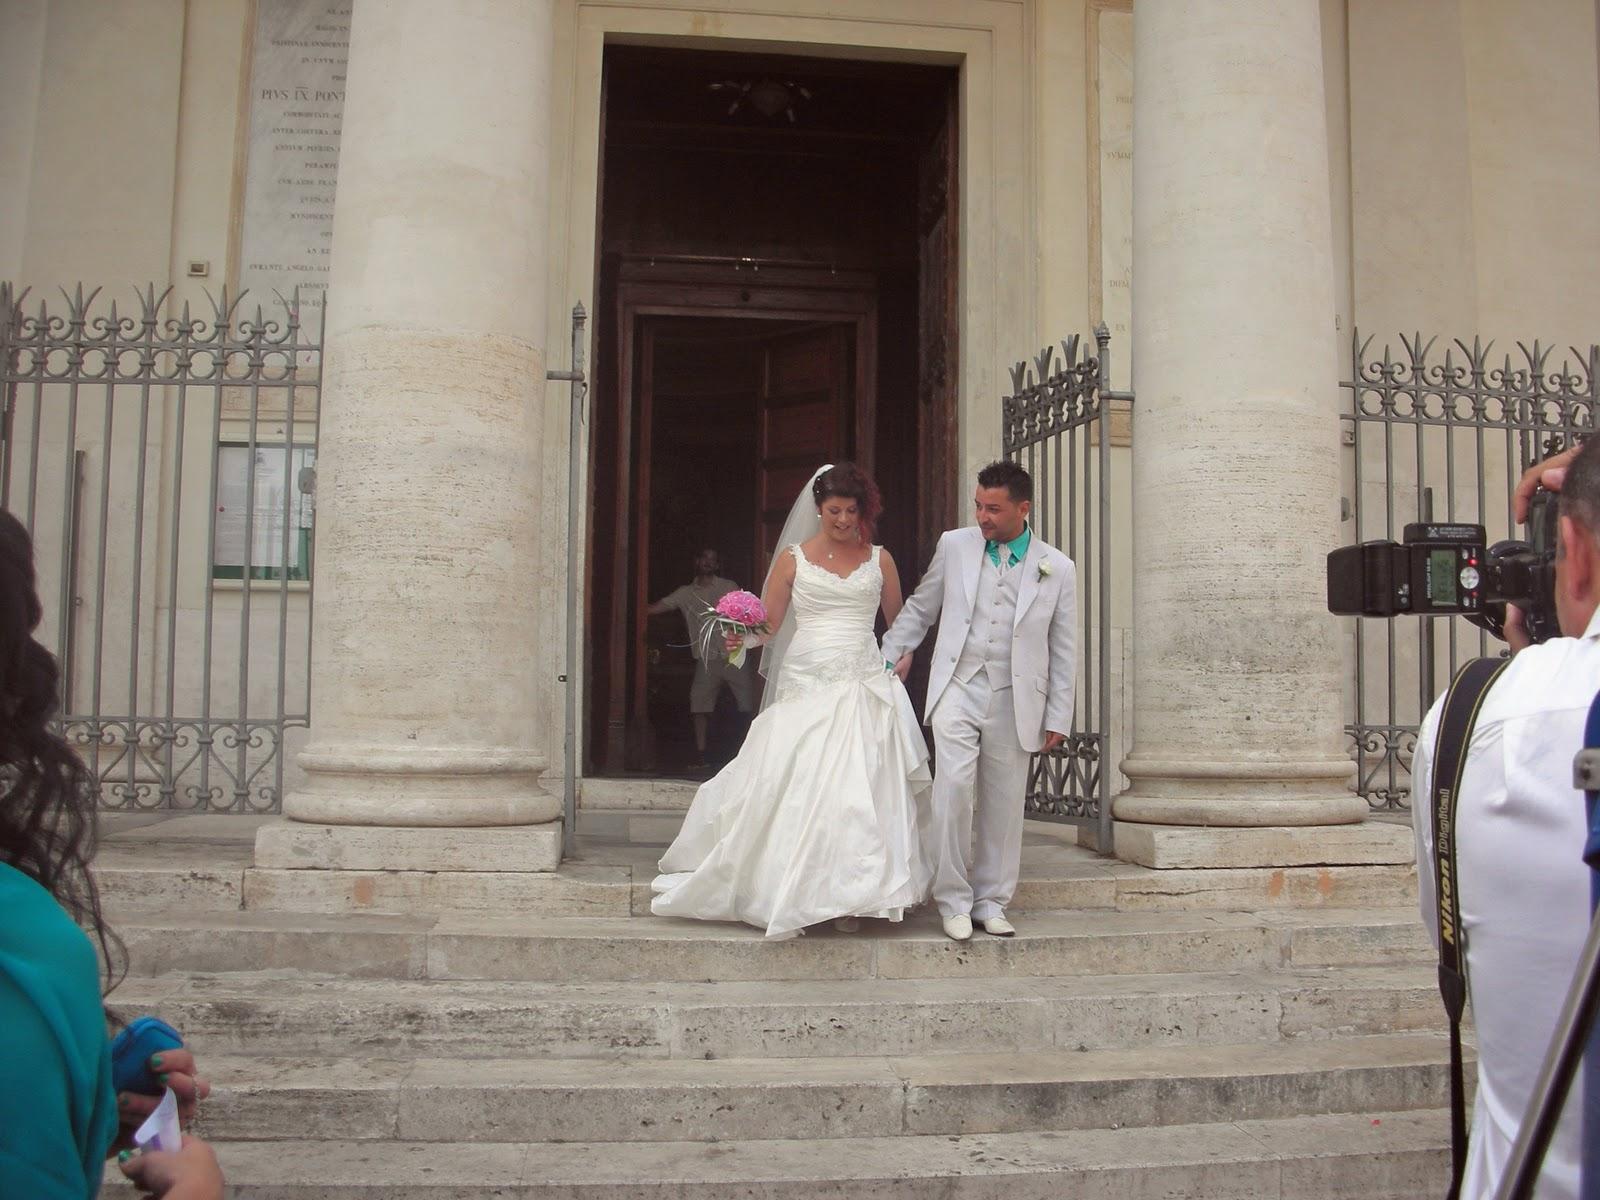 Matrimonio Spiaggia Anzio : La città di anzio roma anzio cronaca da un matrimonio